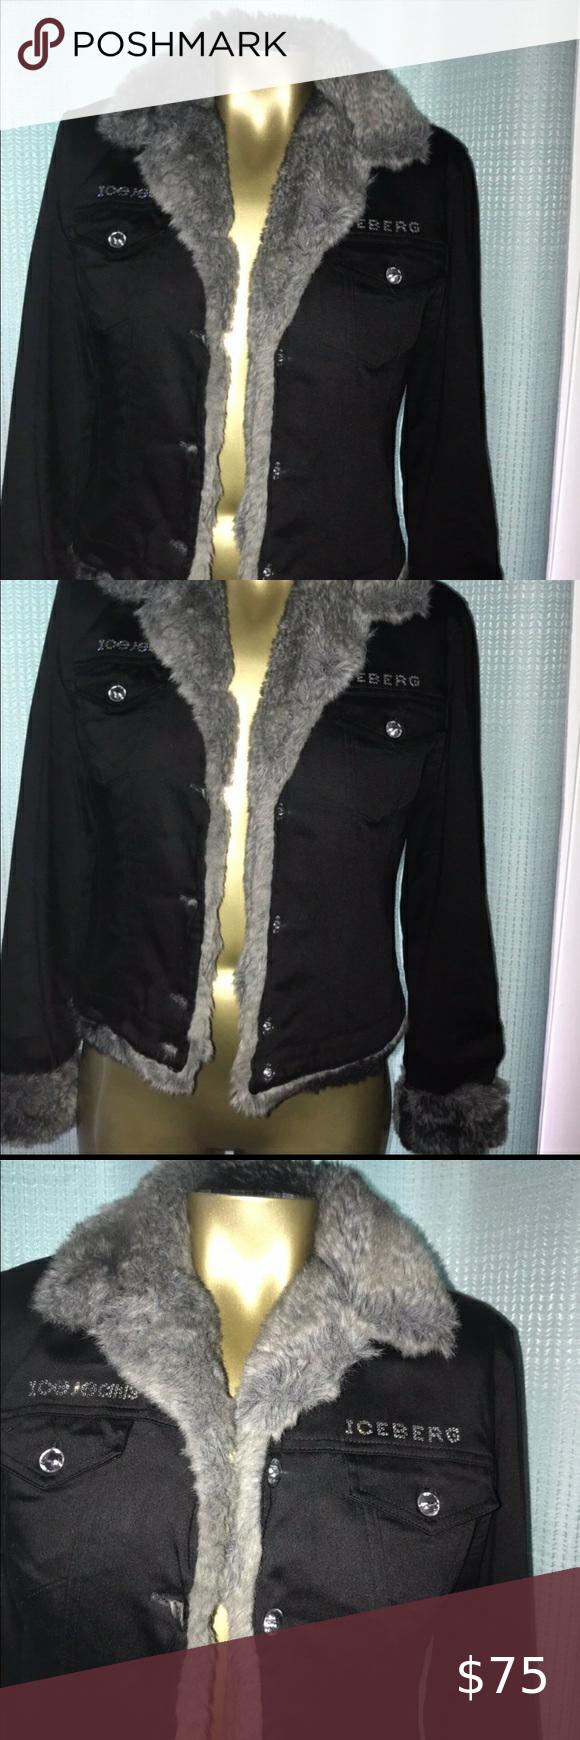 Iceberg Faux Fur Jacket Faux Fur Jacket Fur Jacket Jackets [ 1740 x 580 Pixel ]